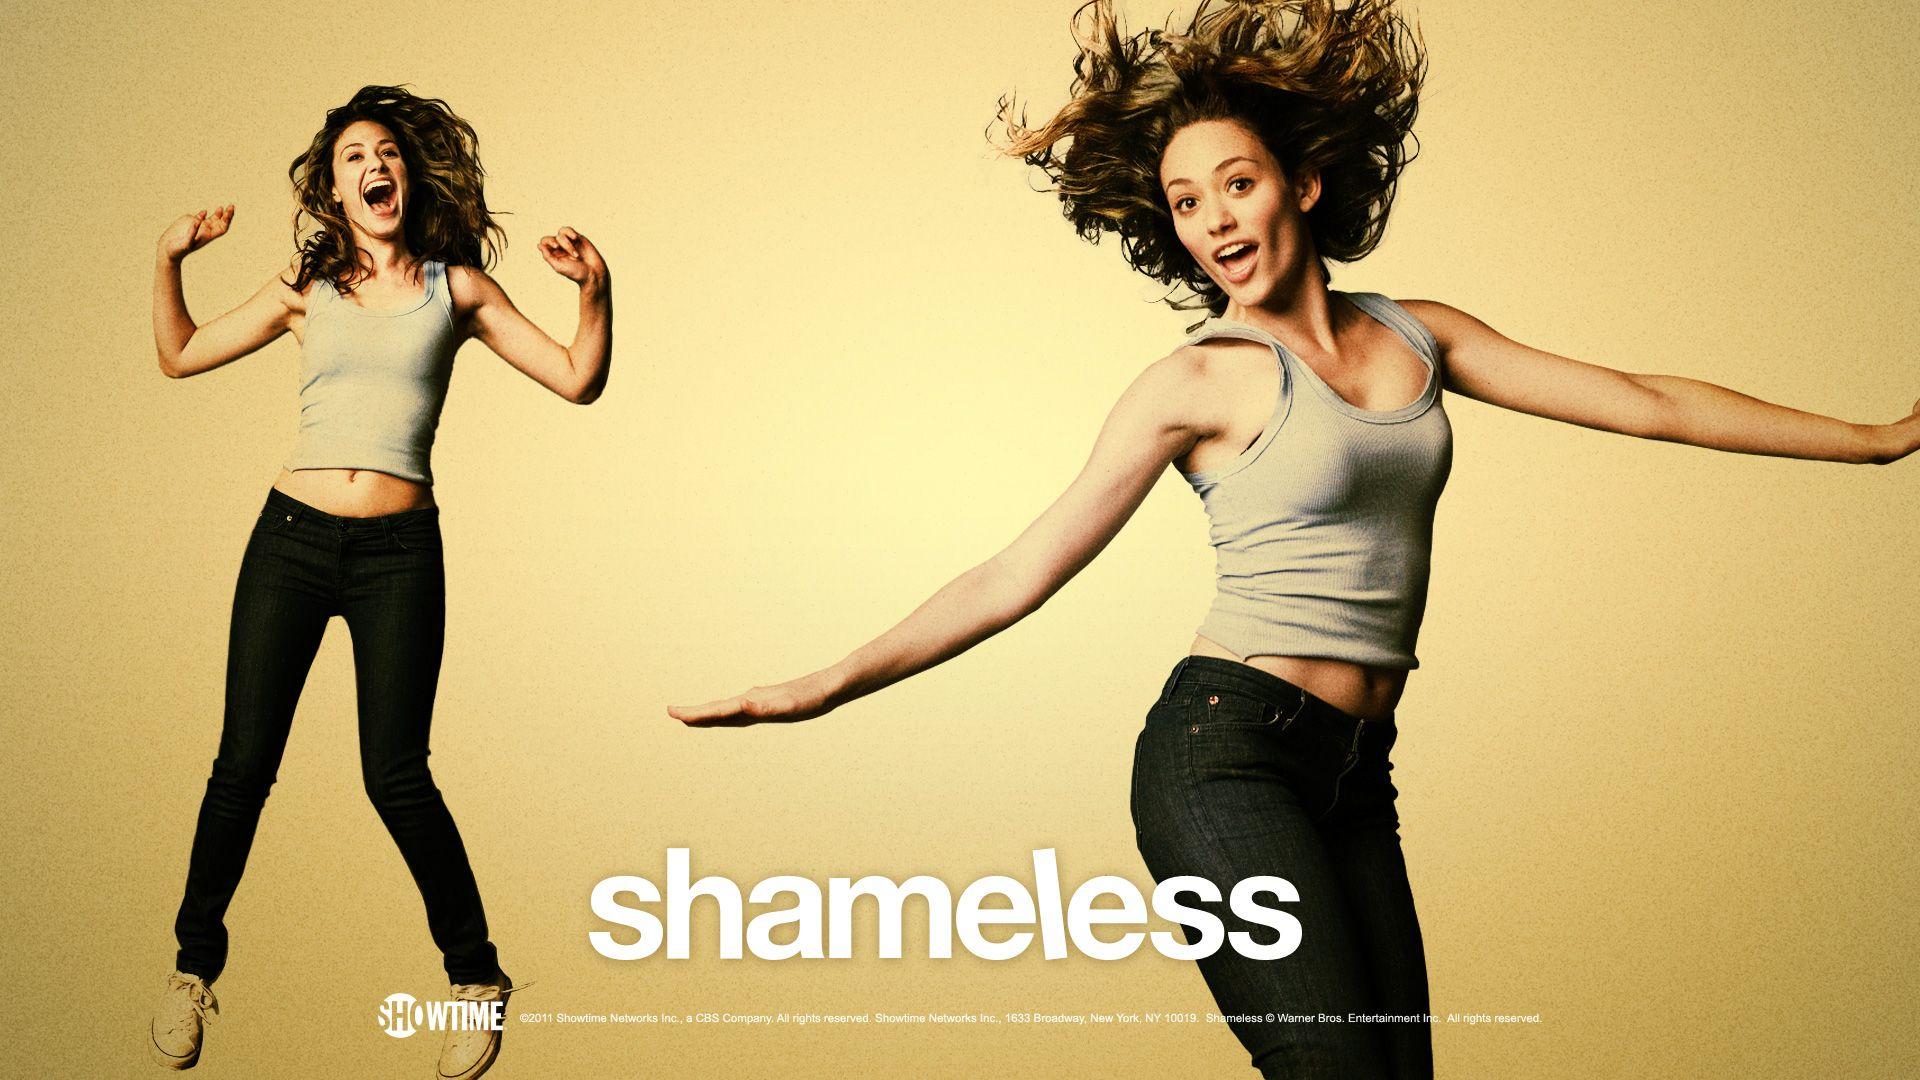 shameless season 2 download